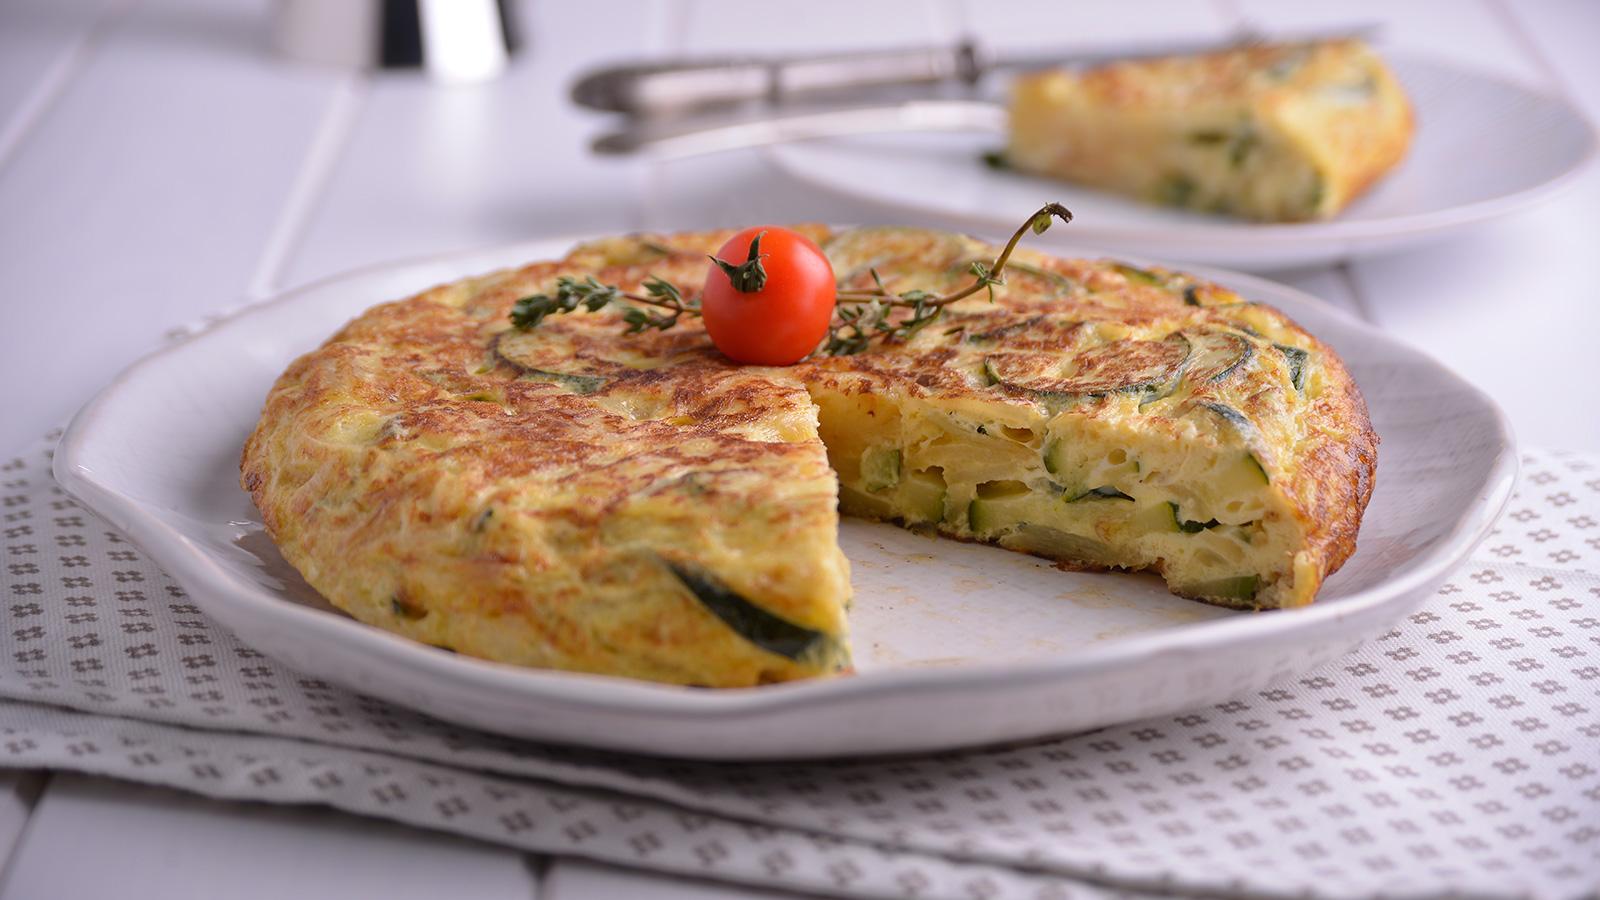 Tortilla de patata con calabac n y cebolla y pan tumaca - Tortilla de calabacin y cebolla ...